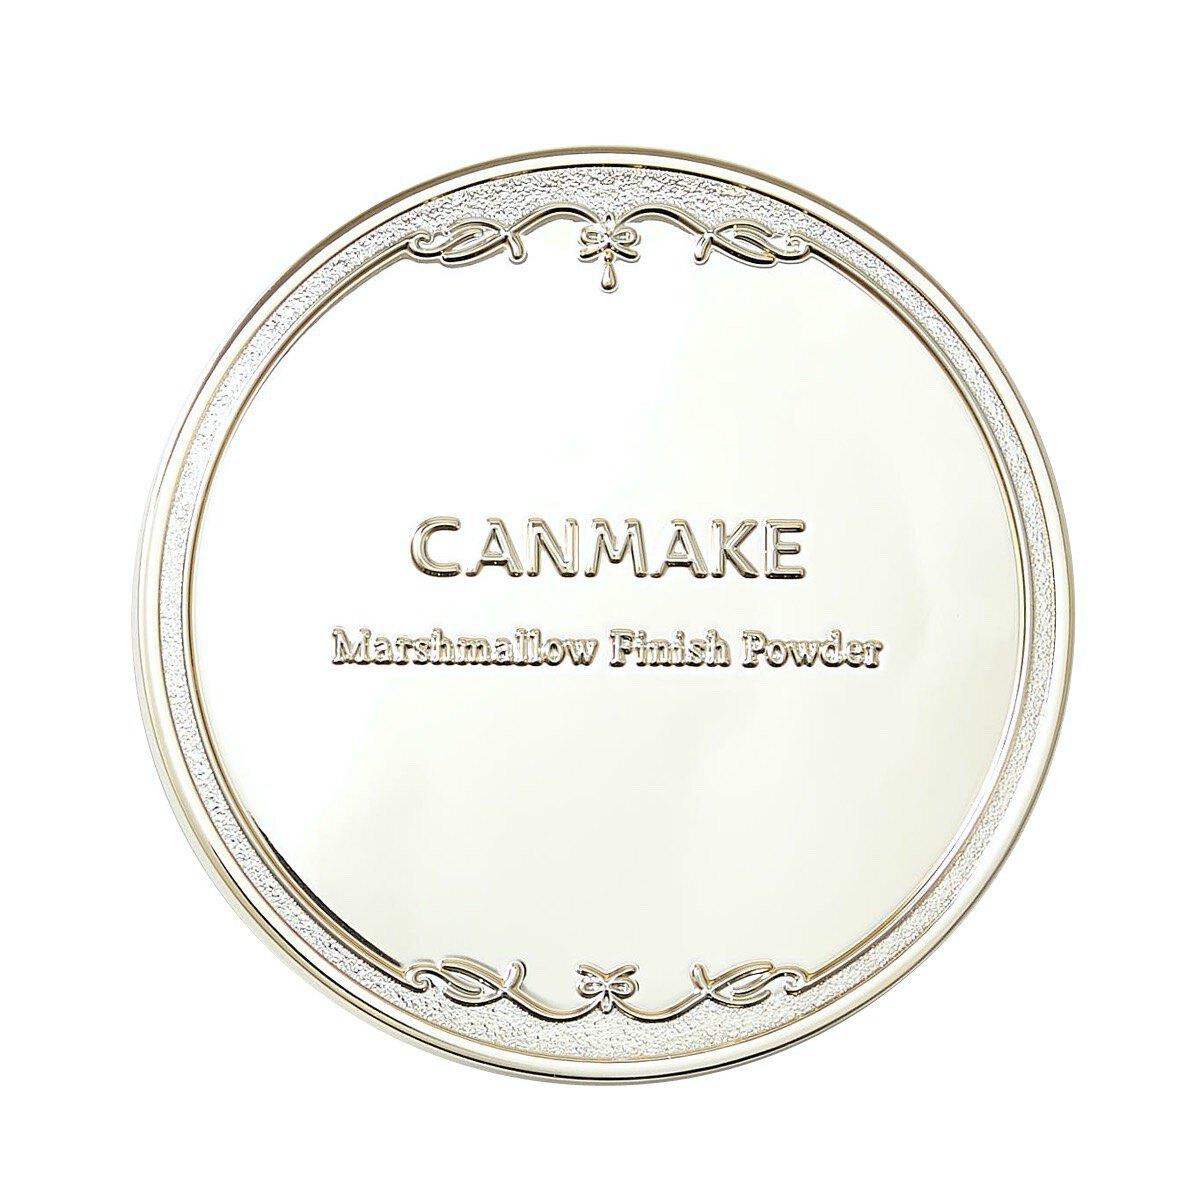 リピ買い続出!CANMAKE(キャンメイク)『マシュマロフィニッシュパウダー MP マットピンクオークル』をご紹介に関する画像1